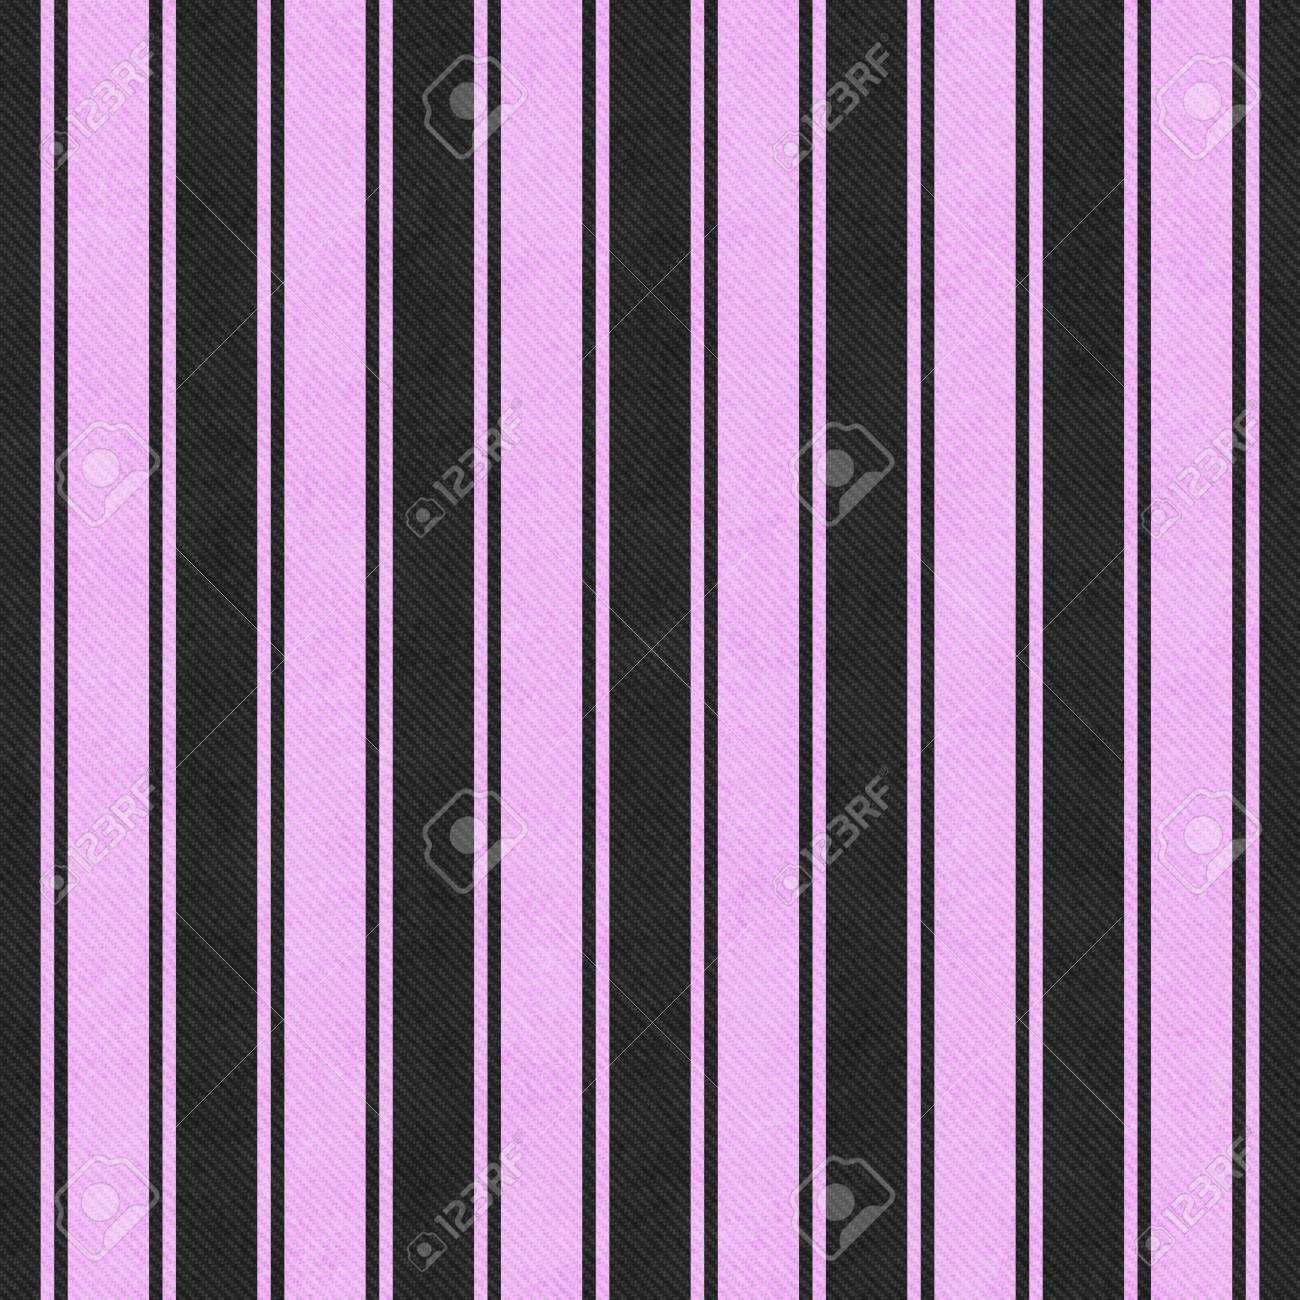 Immagini Stock Pattern Di Piastrelle A Strisce Rosa E Nere